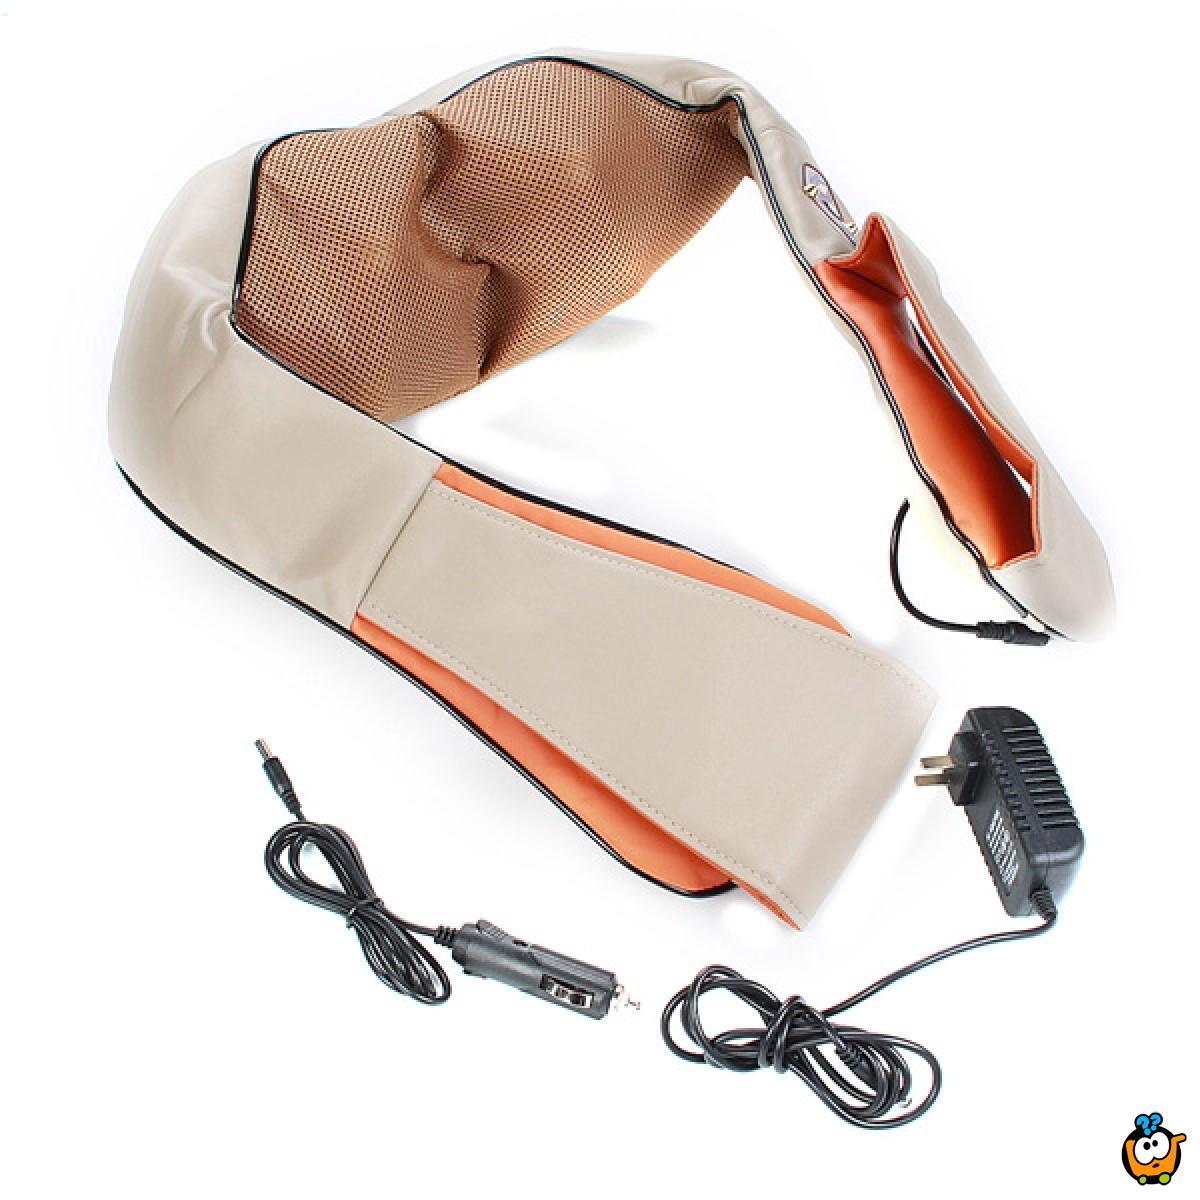 Šijacu masažer za vrat, ramena i leđa